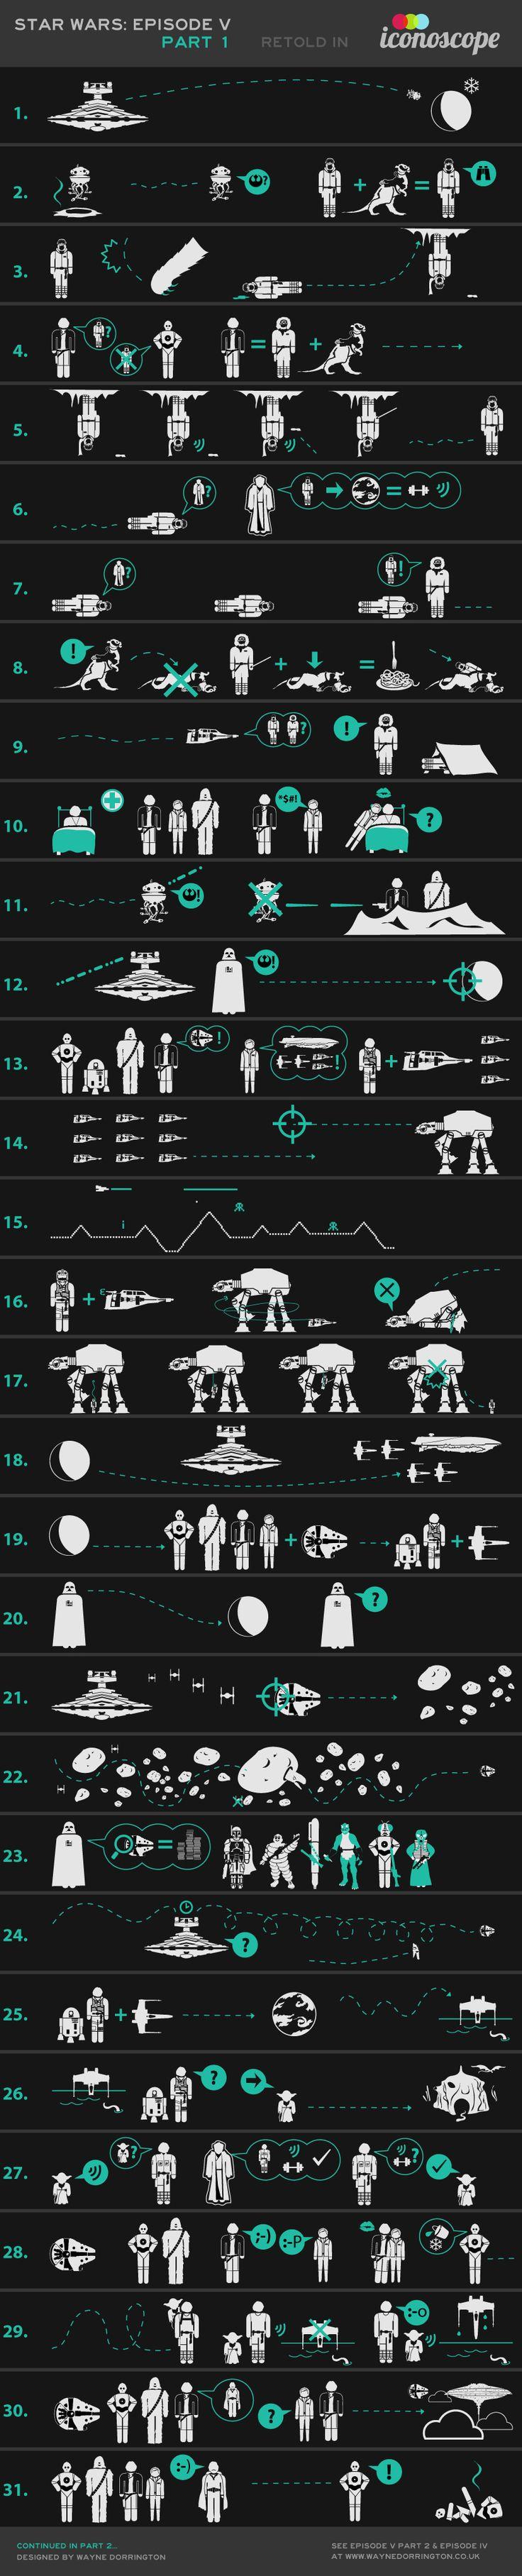 La trilogie Star Wars en 2 minutes et 12 secondes 2